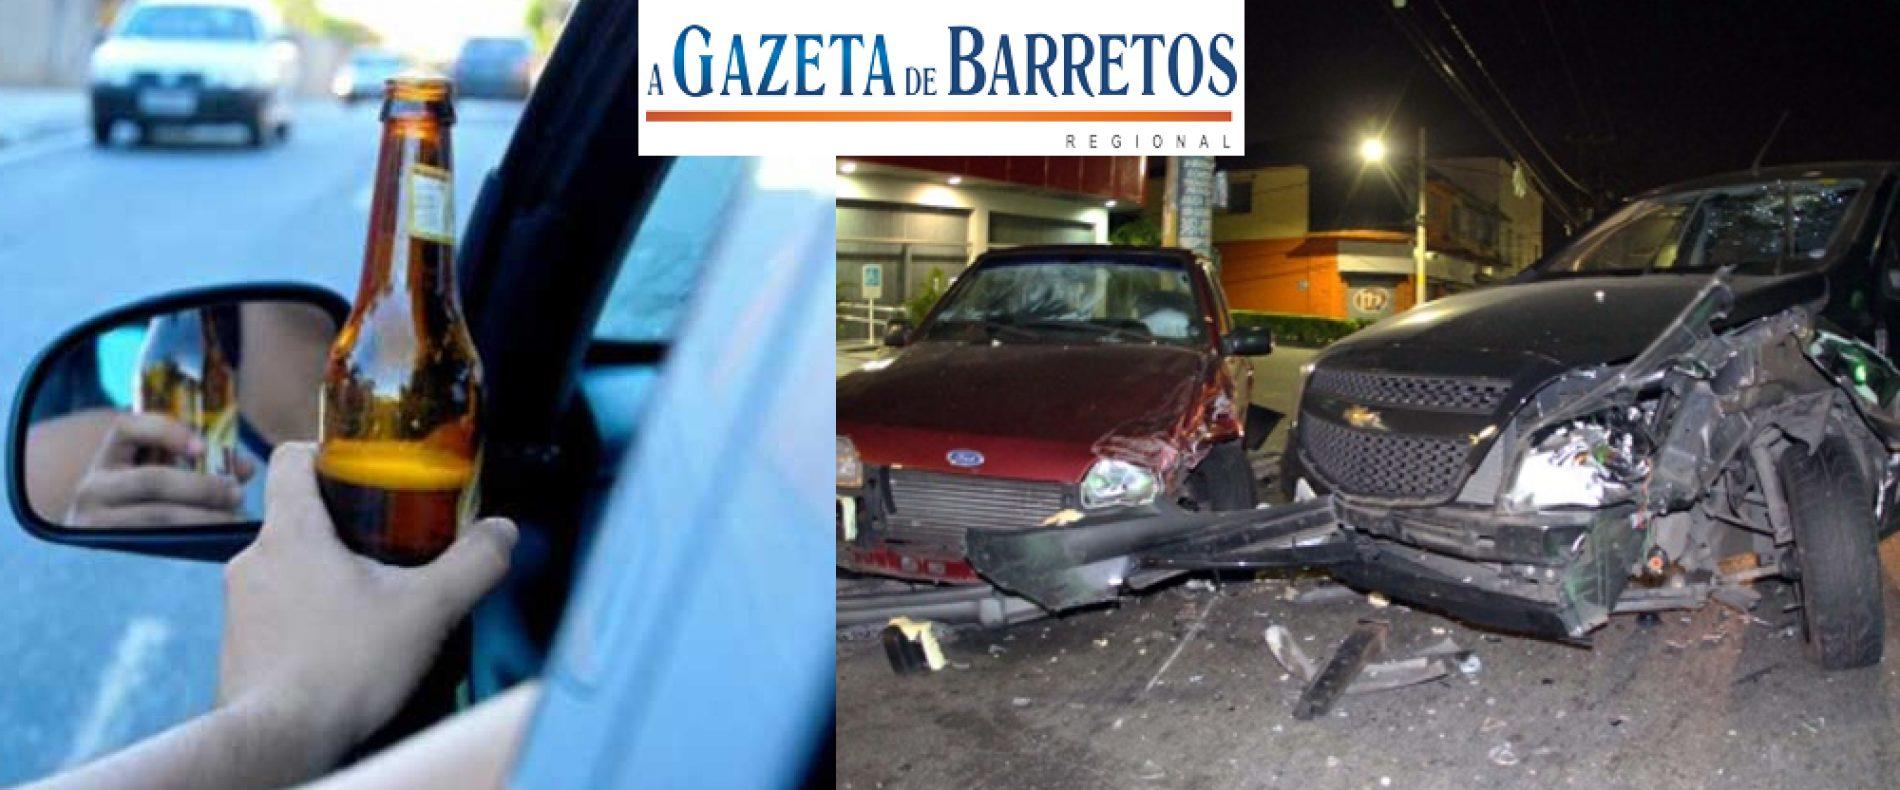 Embriagado homem bate em veículo parado no bairro Novo Horizonte